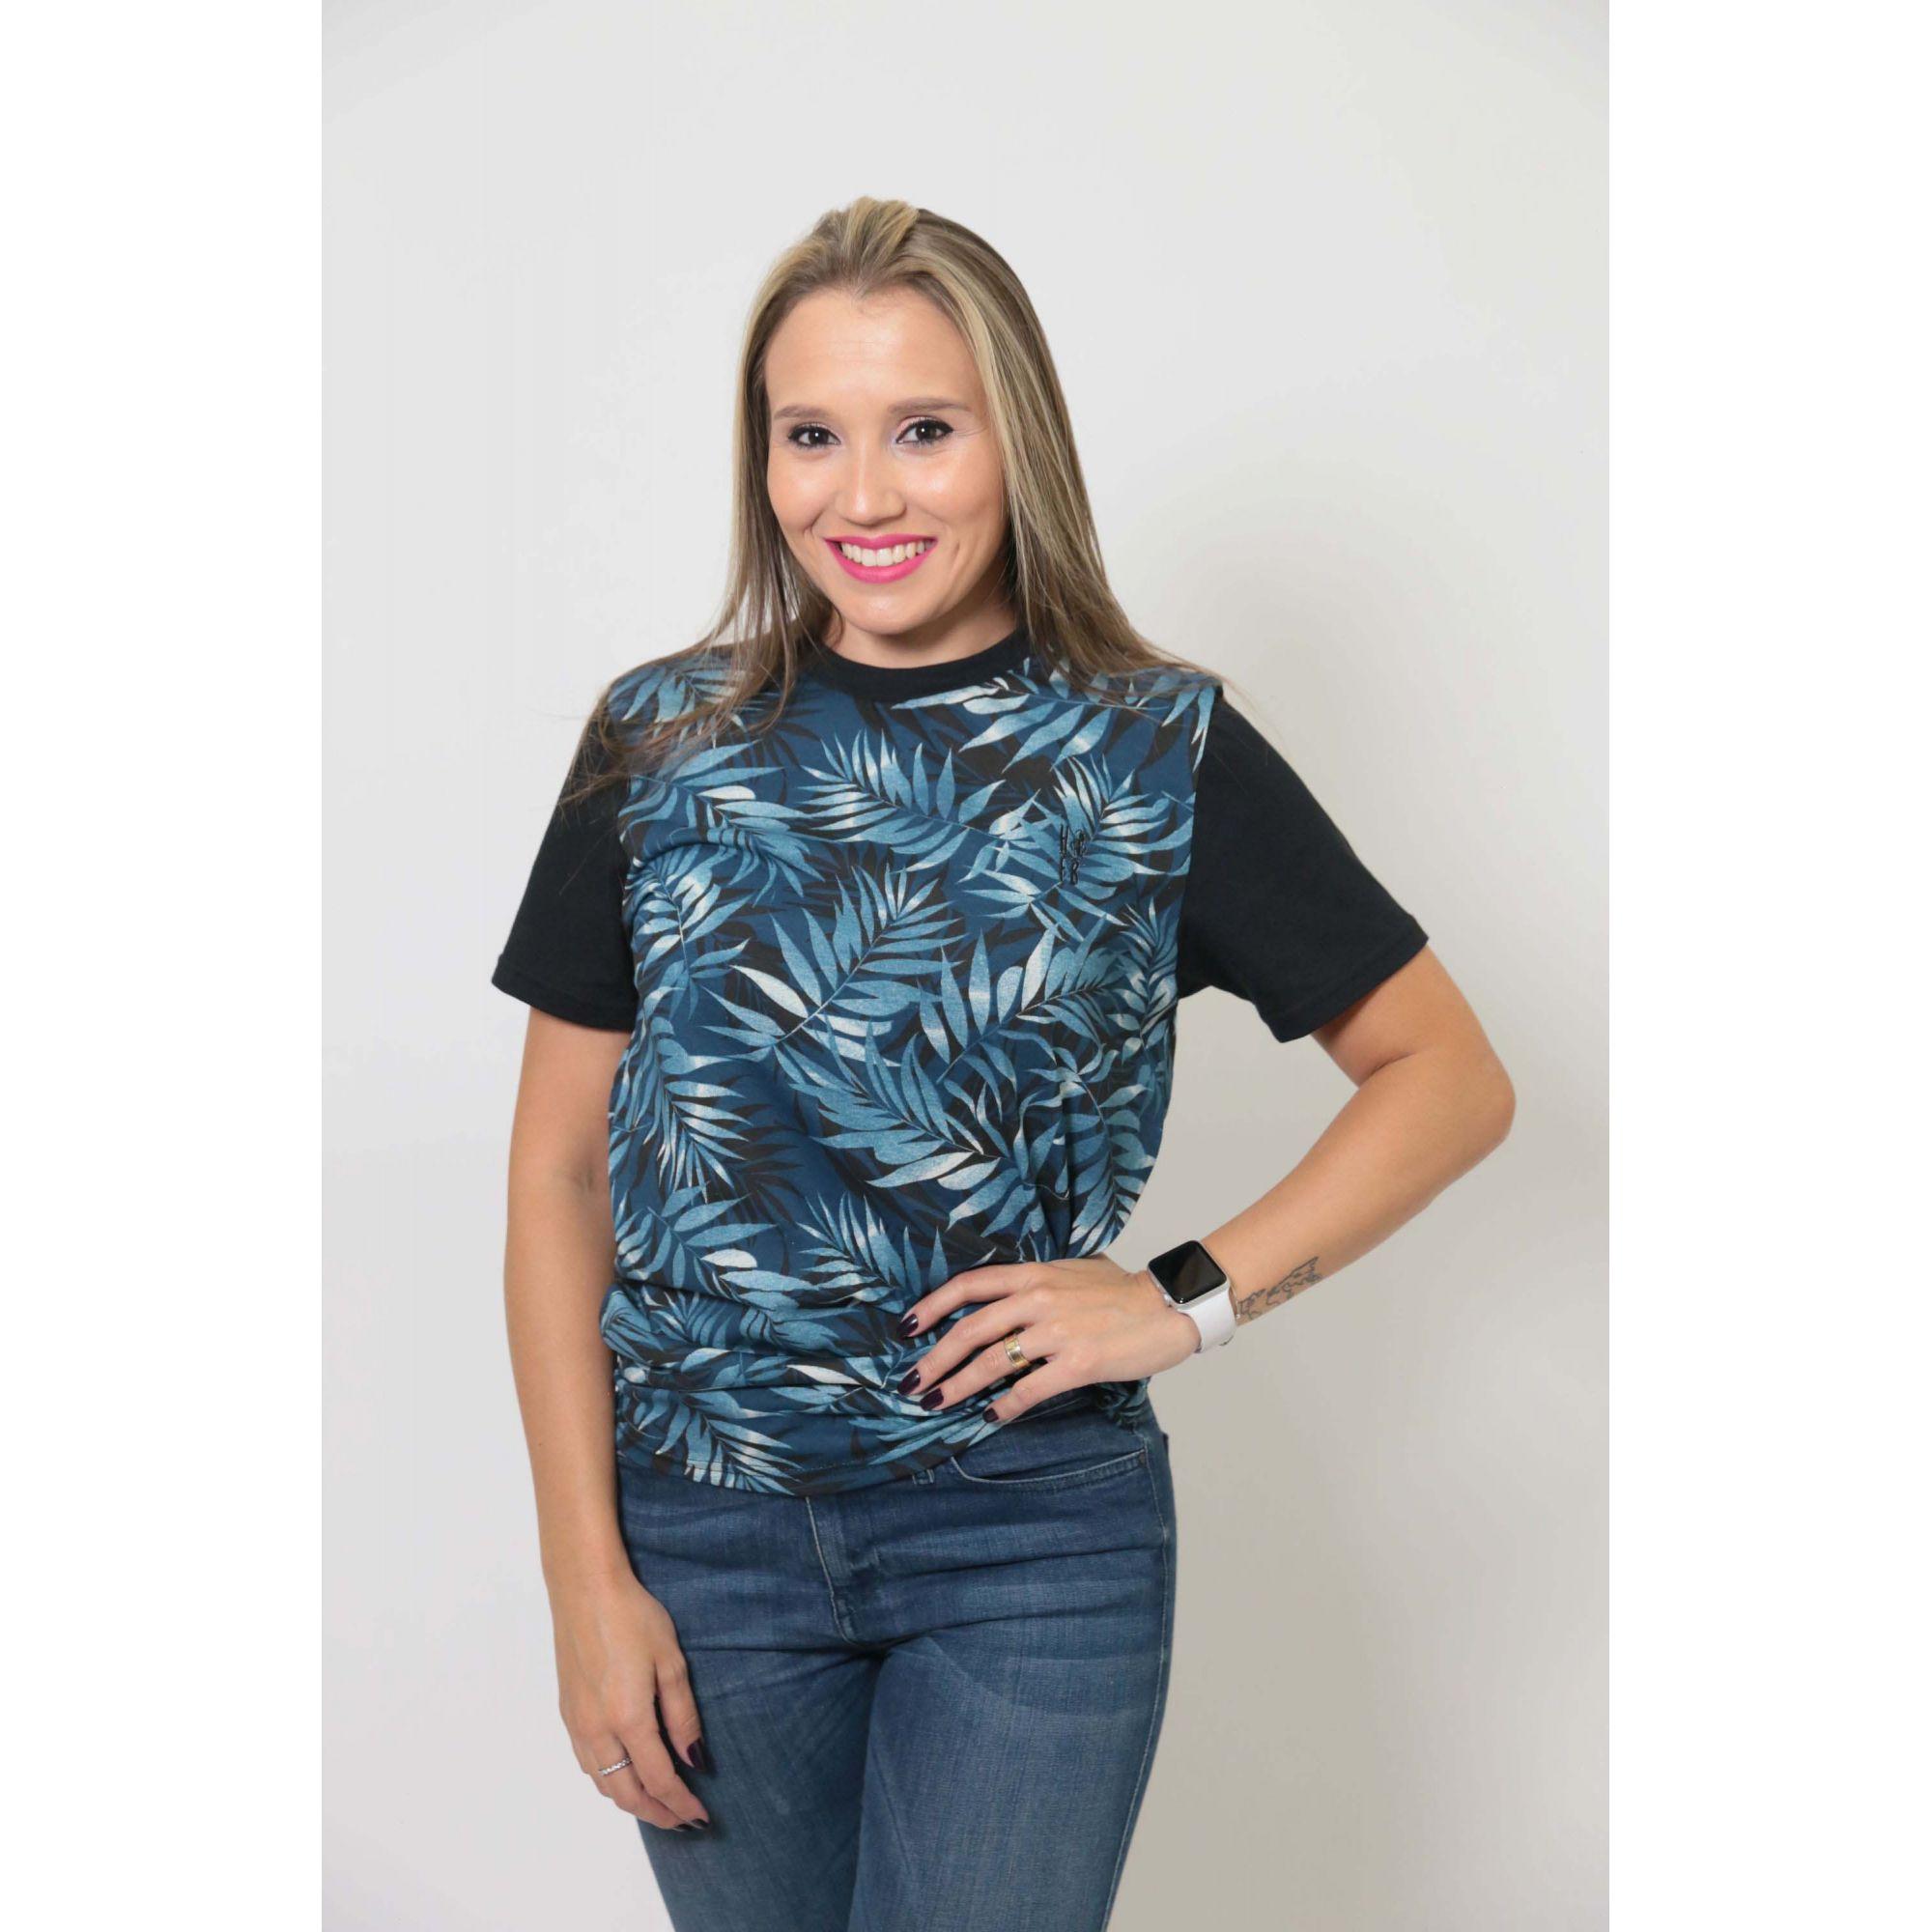 NAMORADOS > Kit 02 Peças T-Shirts Unissex Tropical [Coleção Namorados]  - Heitor Fashion Brazil